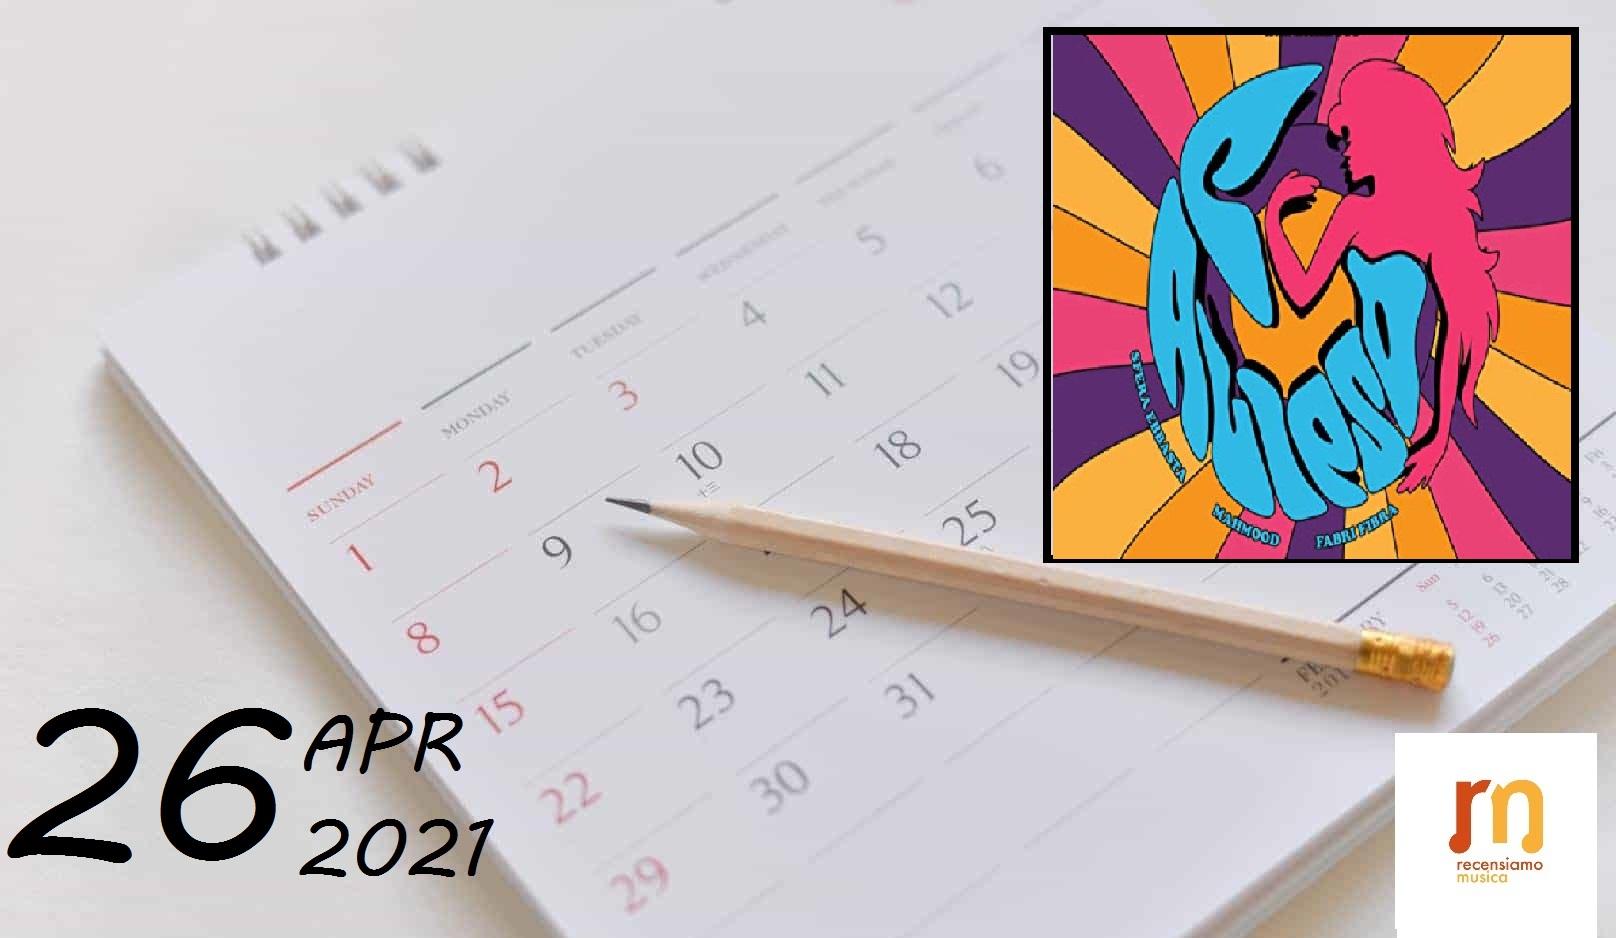 26 aprile